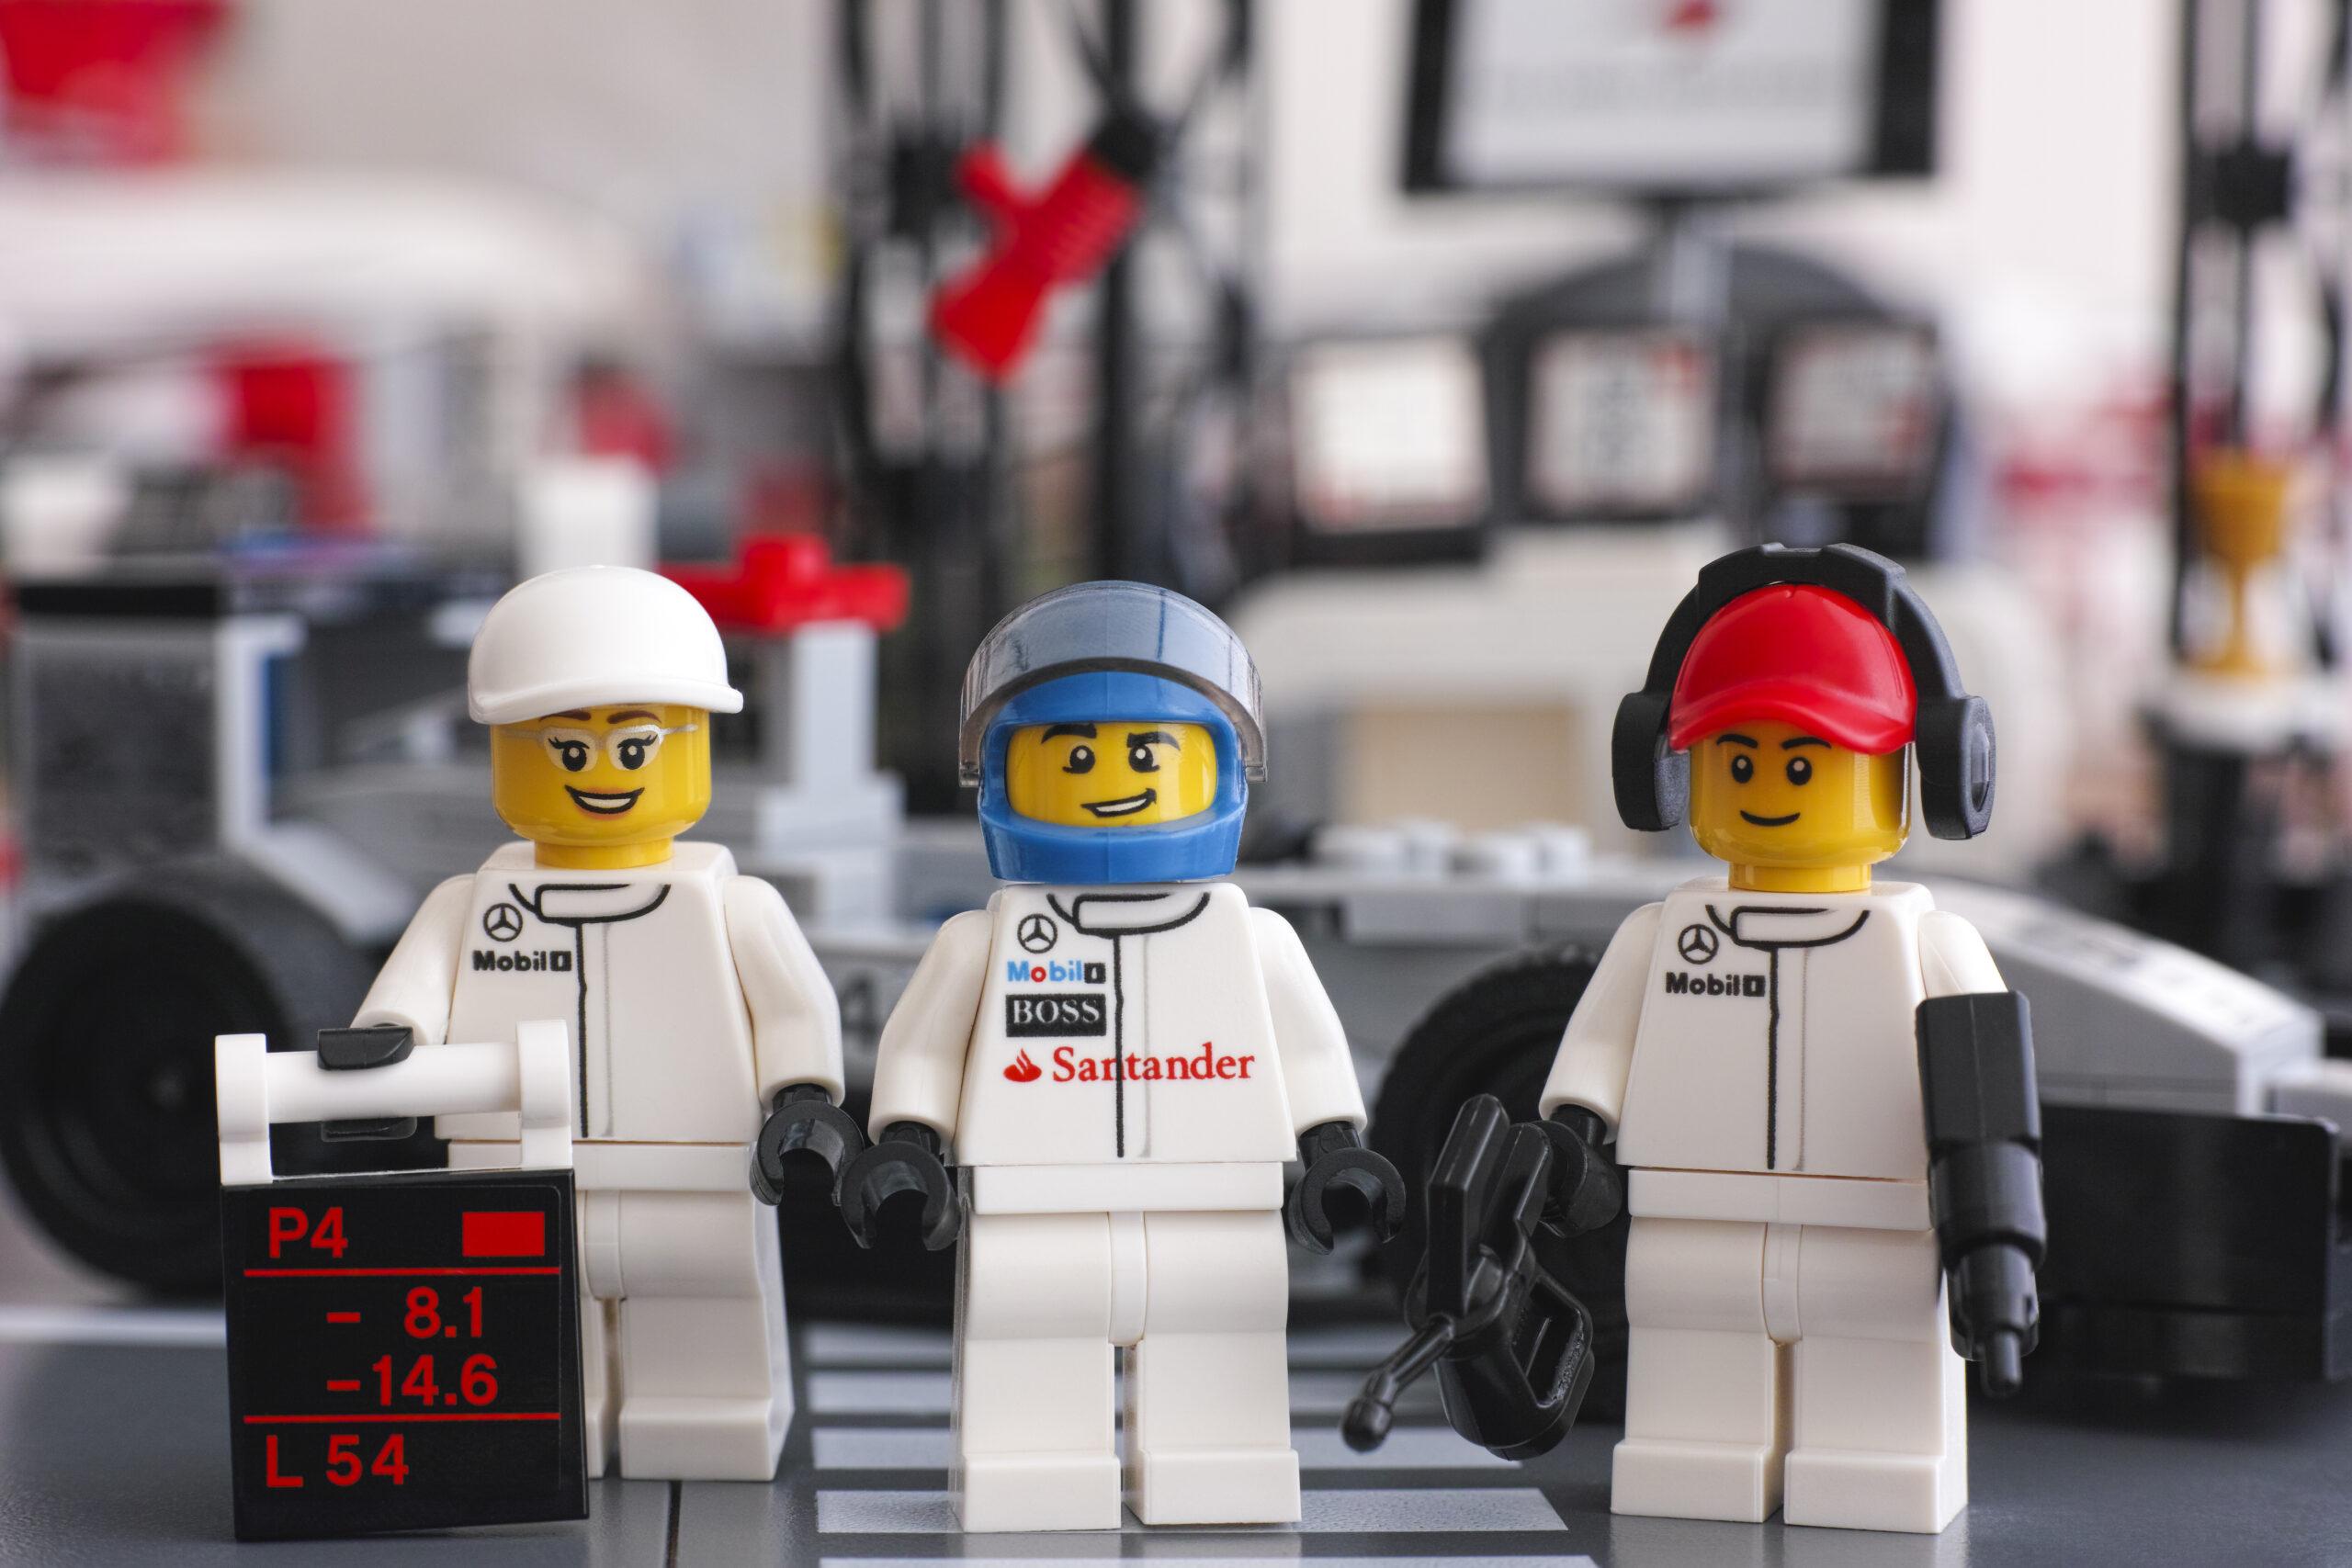 Peças de Lego simulando uma equipe de Fórmula 1.